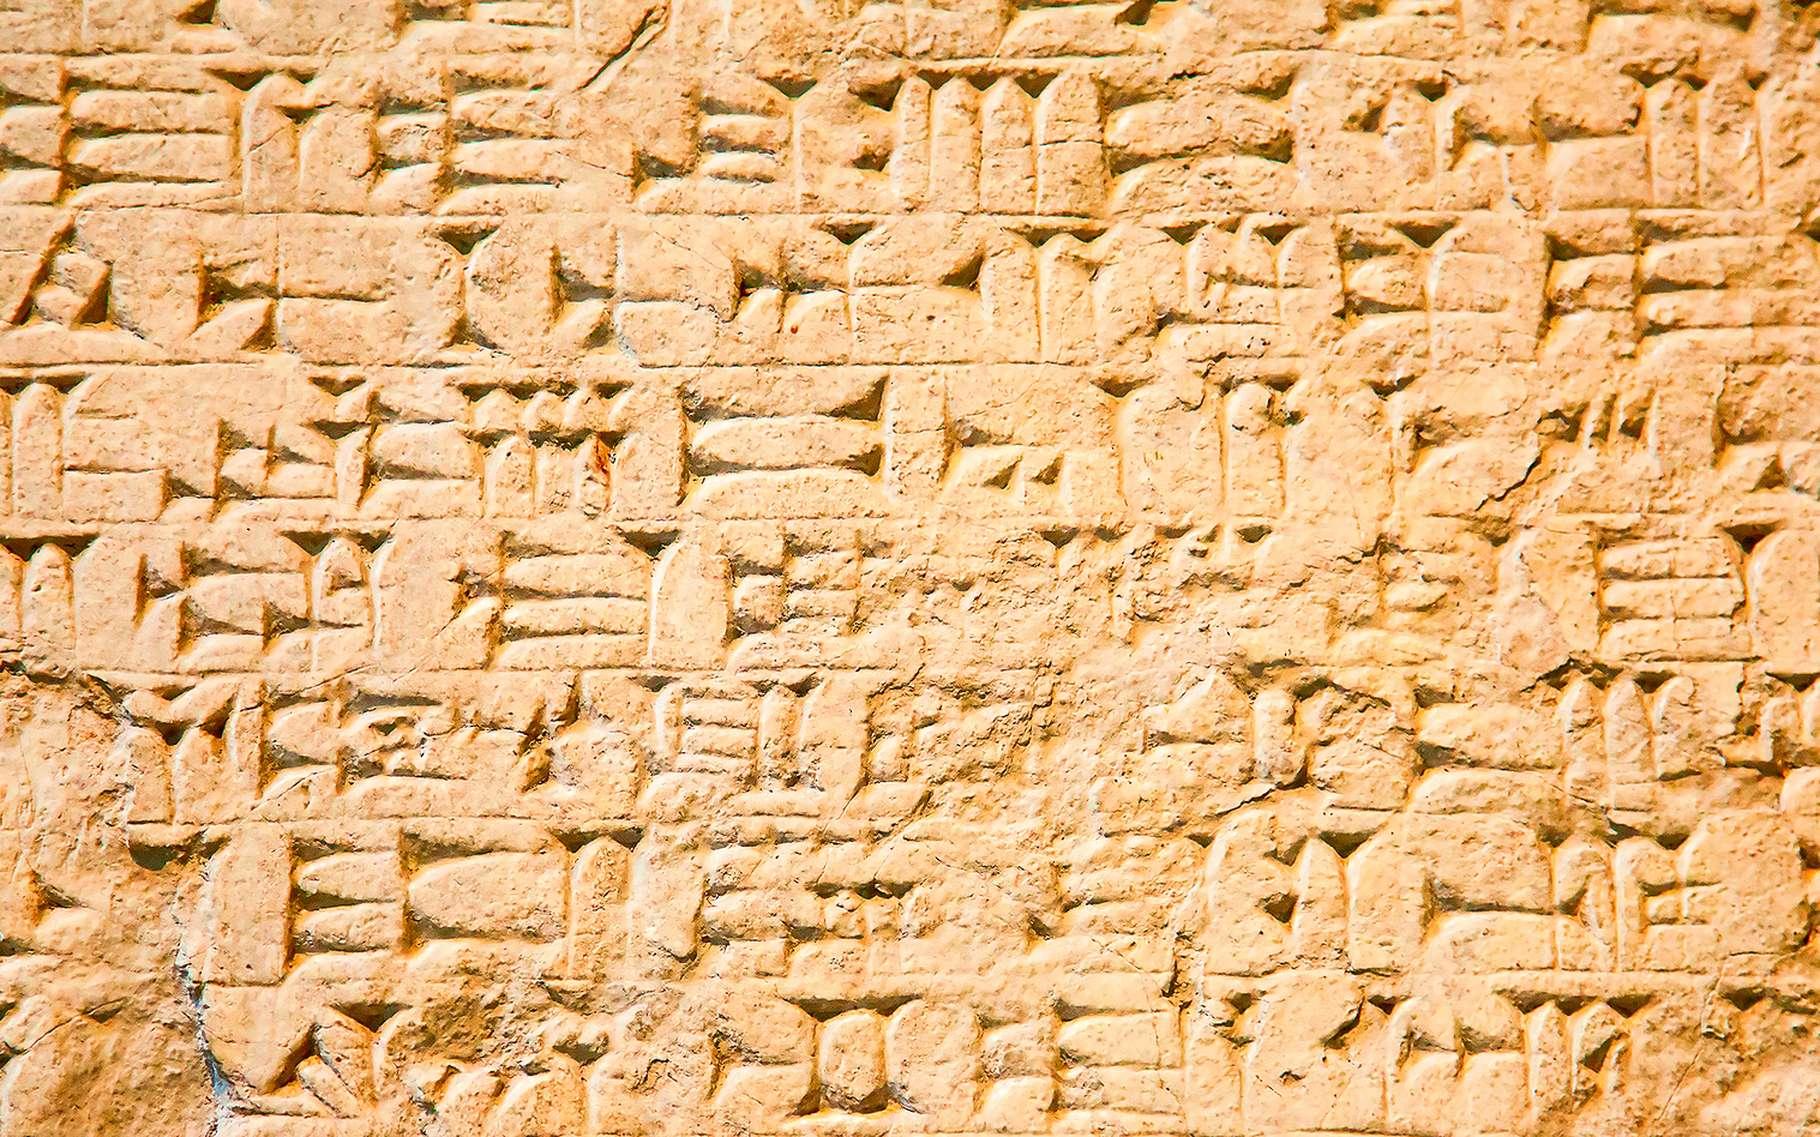 C'est en Mésopotamie que l'écriture a été inventée. Ici, une tablette couverte de signes cunéiformes provenant d'Irak. © Fedor Selivanov, Shutterstock